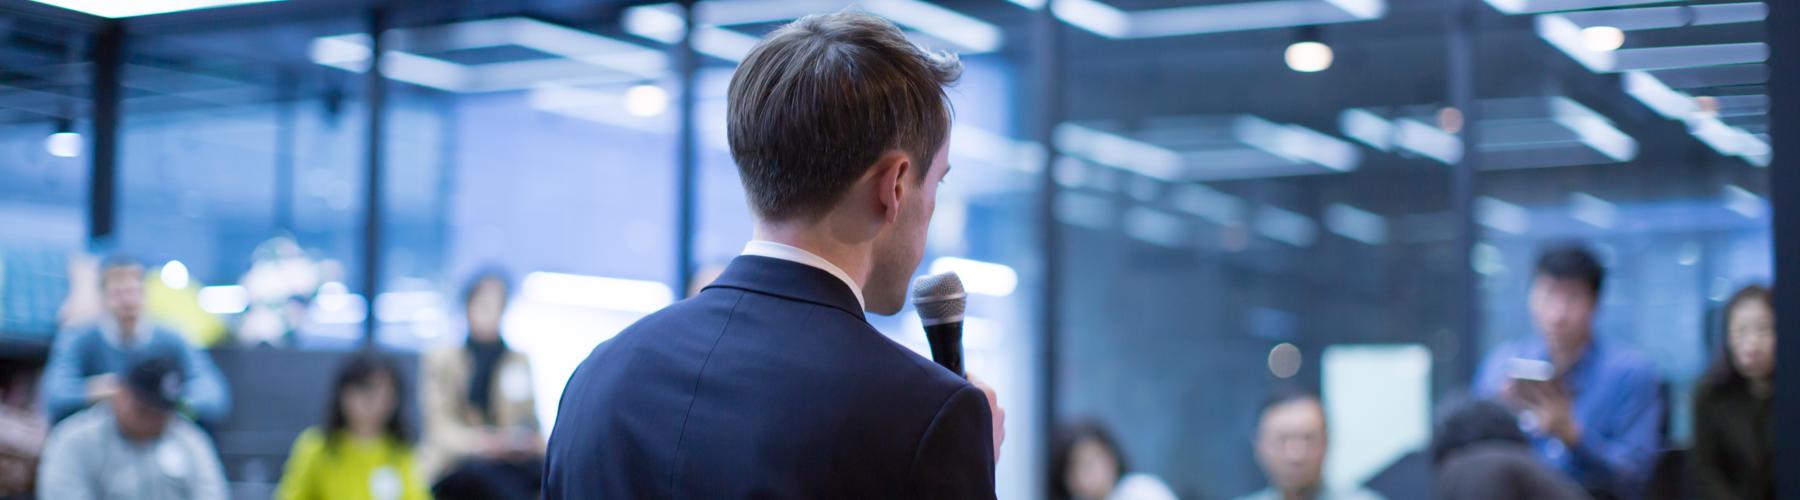 10 Consejos para un gran discurso de ventas en tu próxima feria o evento